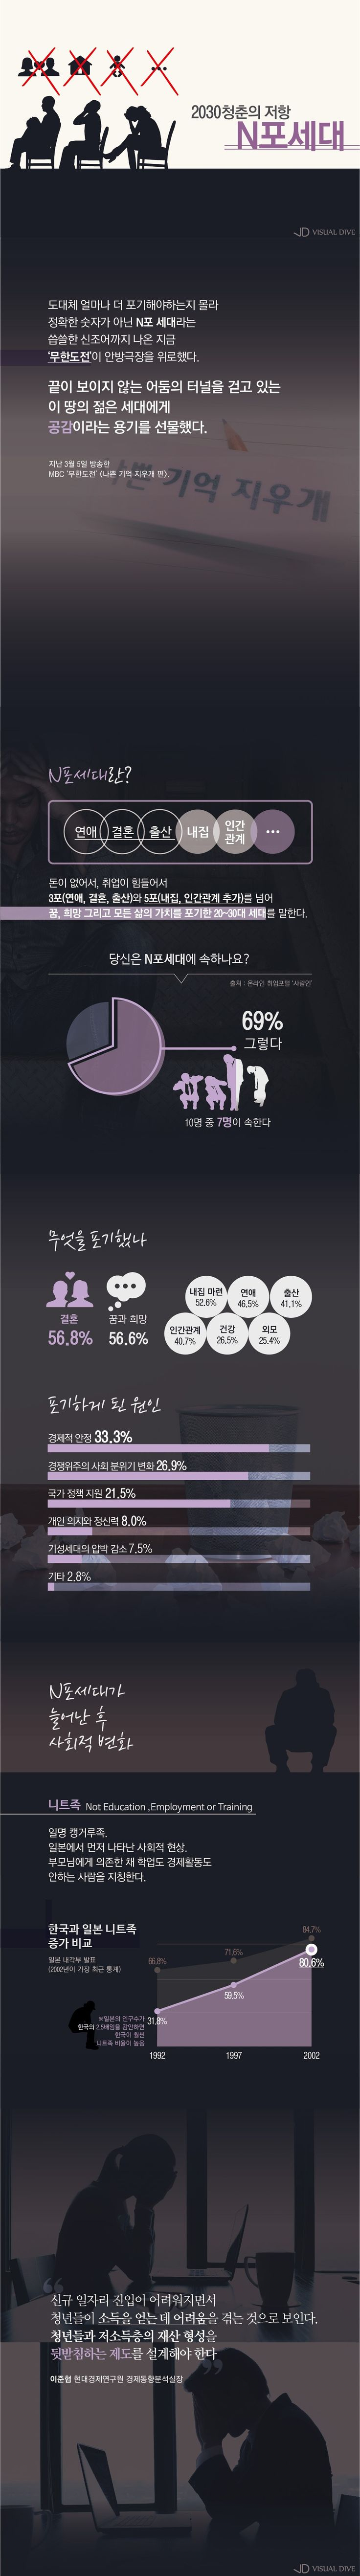 청춘들은 왜 'N포세대'가 됐나? [인포그래픽] #renounce / #Infographic ⓒ 비주얼다이브 무단 복사·전재·재배포 금지